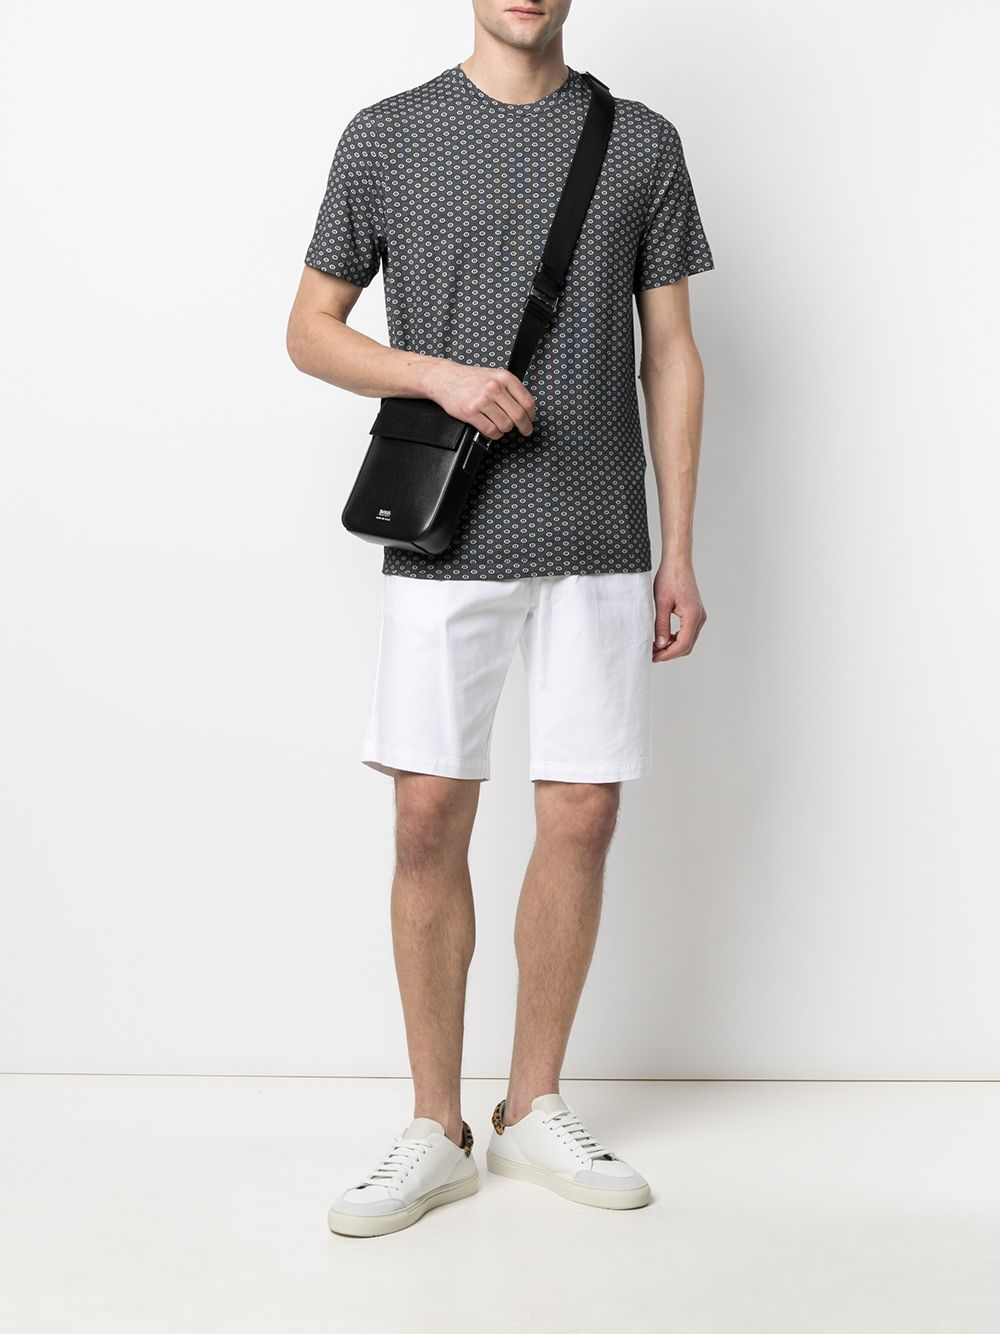 Pantaloncini con coulisse in cotone bianco a righe ELEVENTY | Bermuda | C70BERC01-TET0C02800